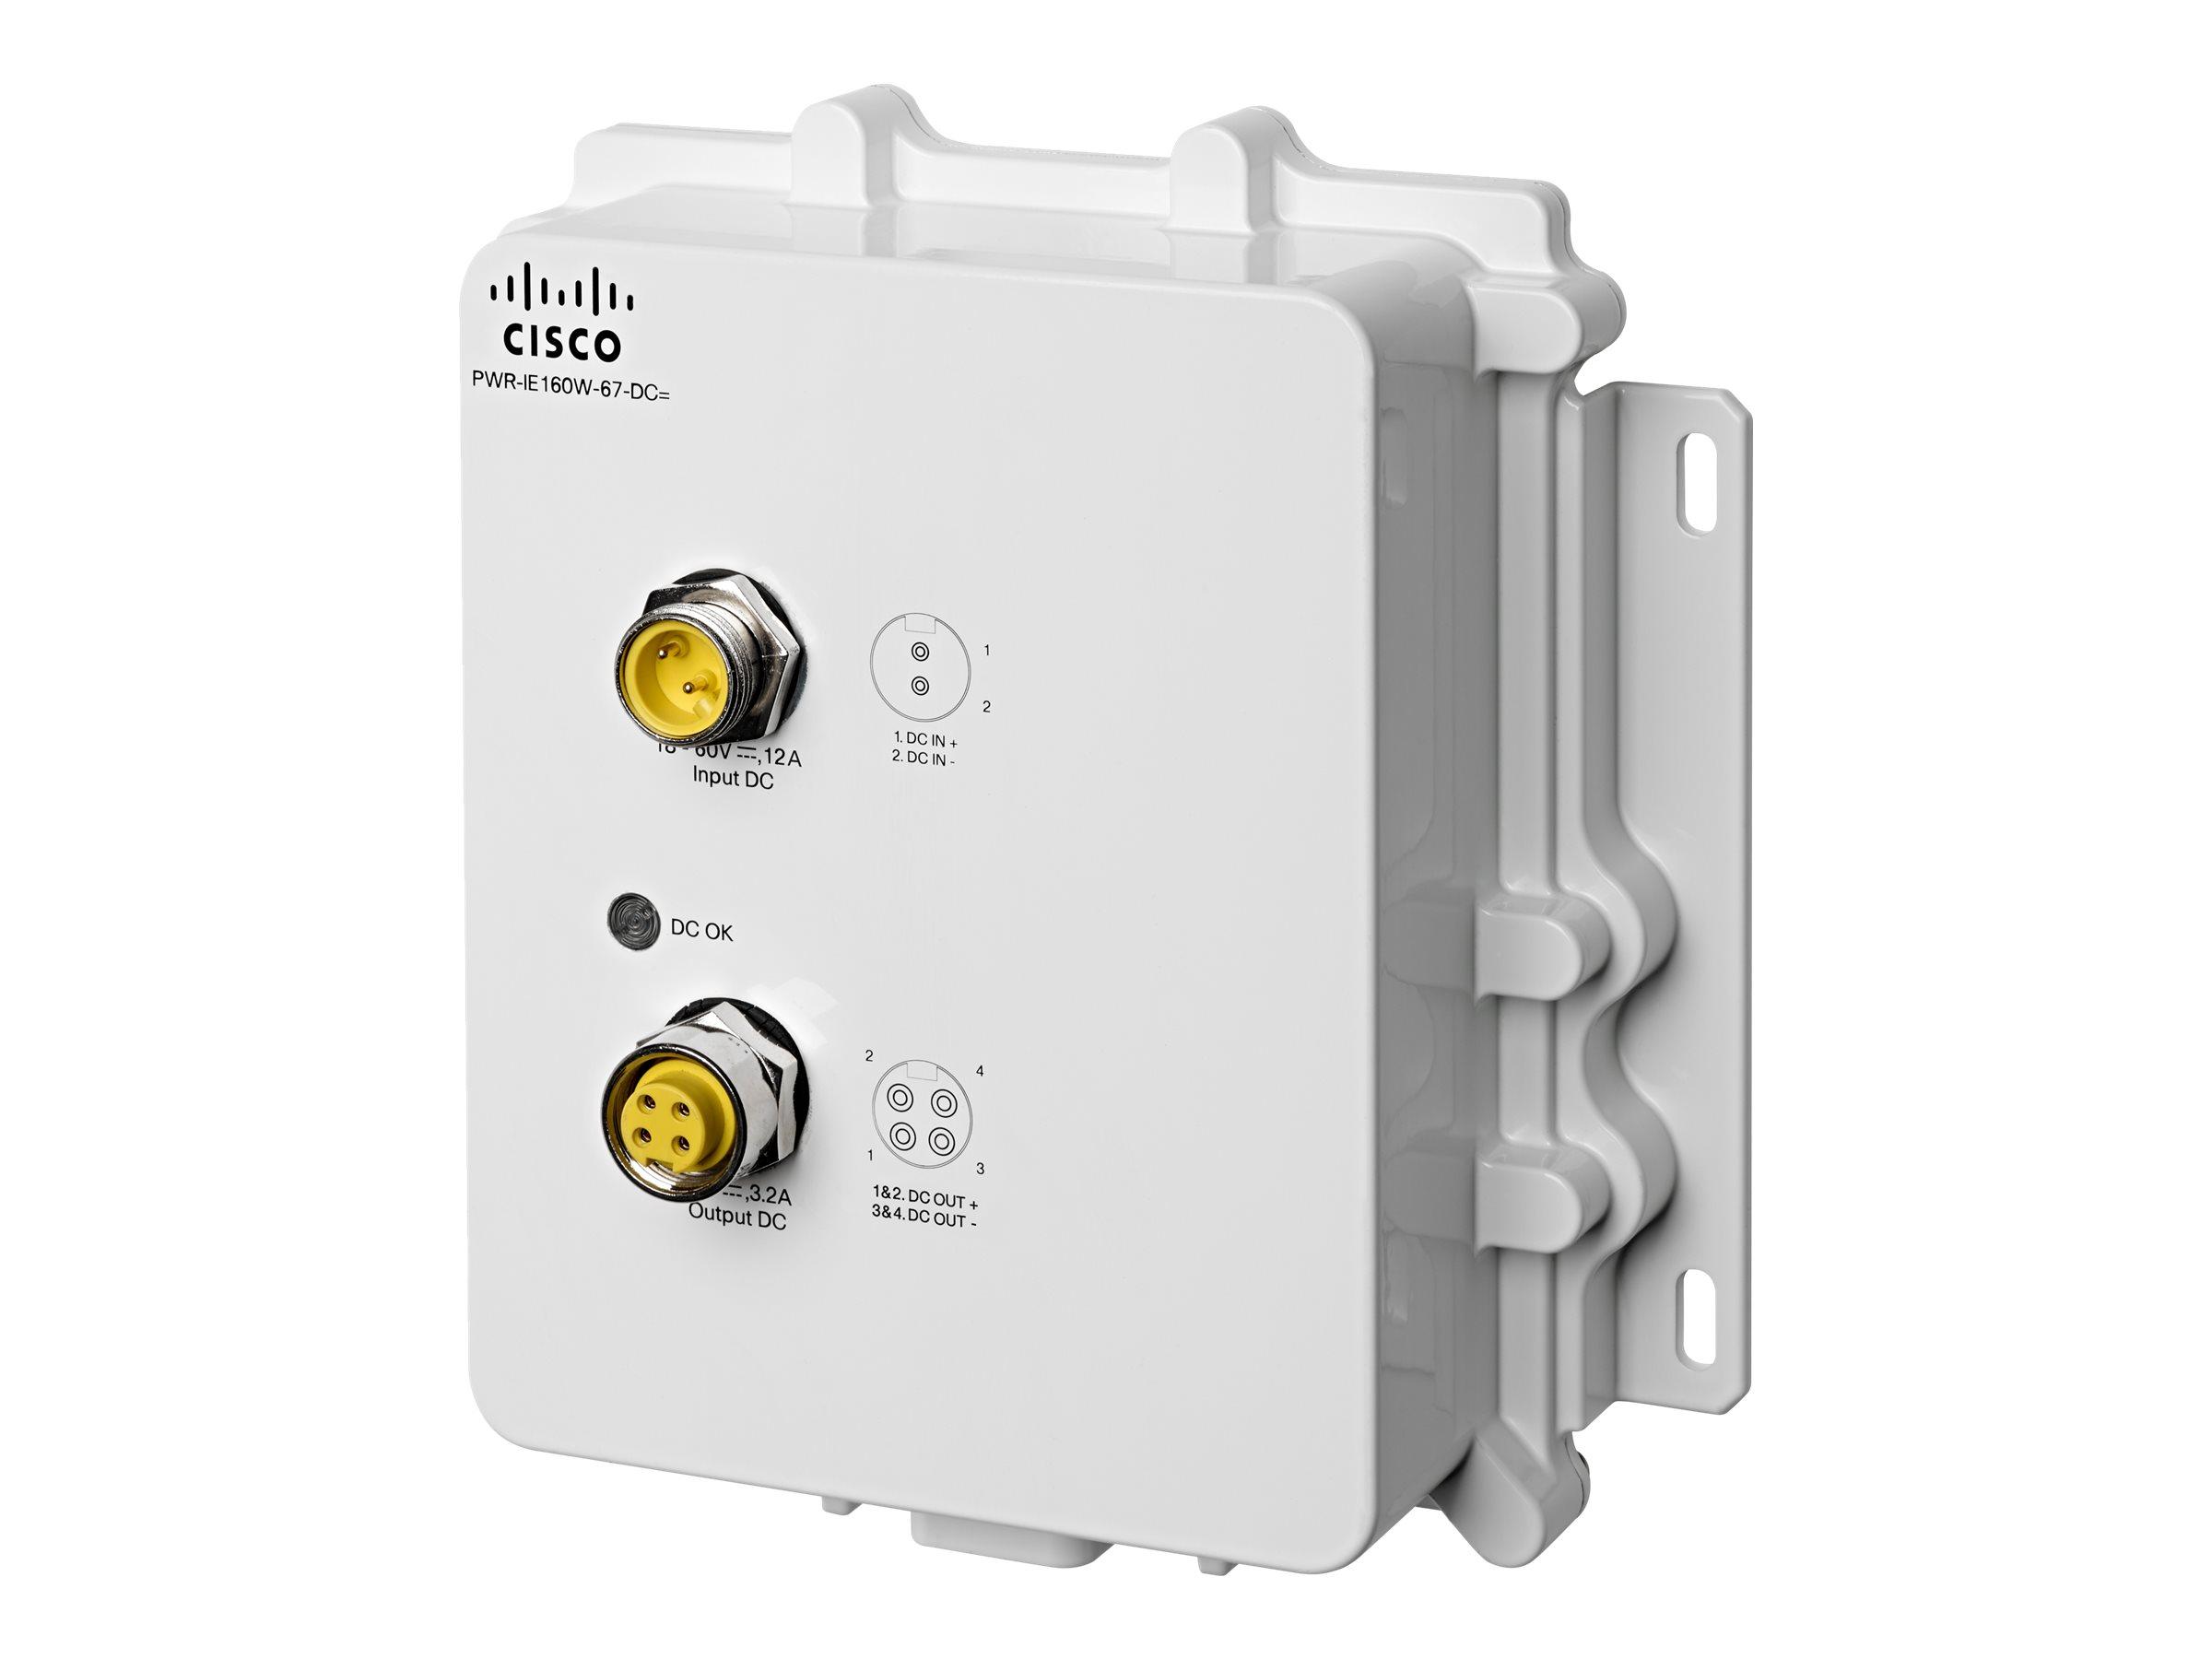 Cisco DC-DC Power Module for POE solution - Netzteil (DIN-Schienenmontage möglich)